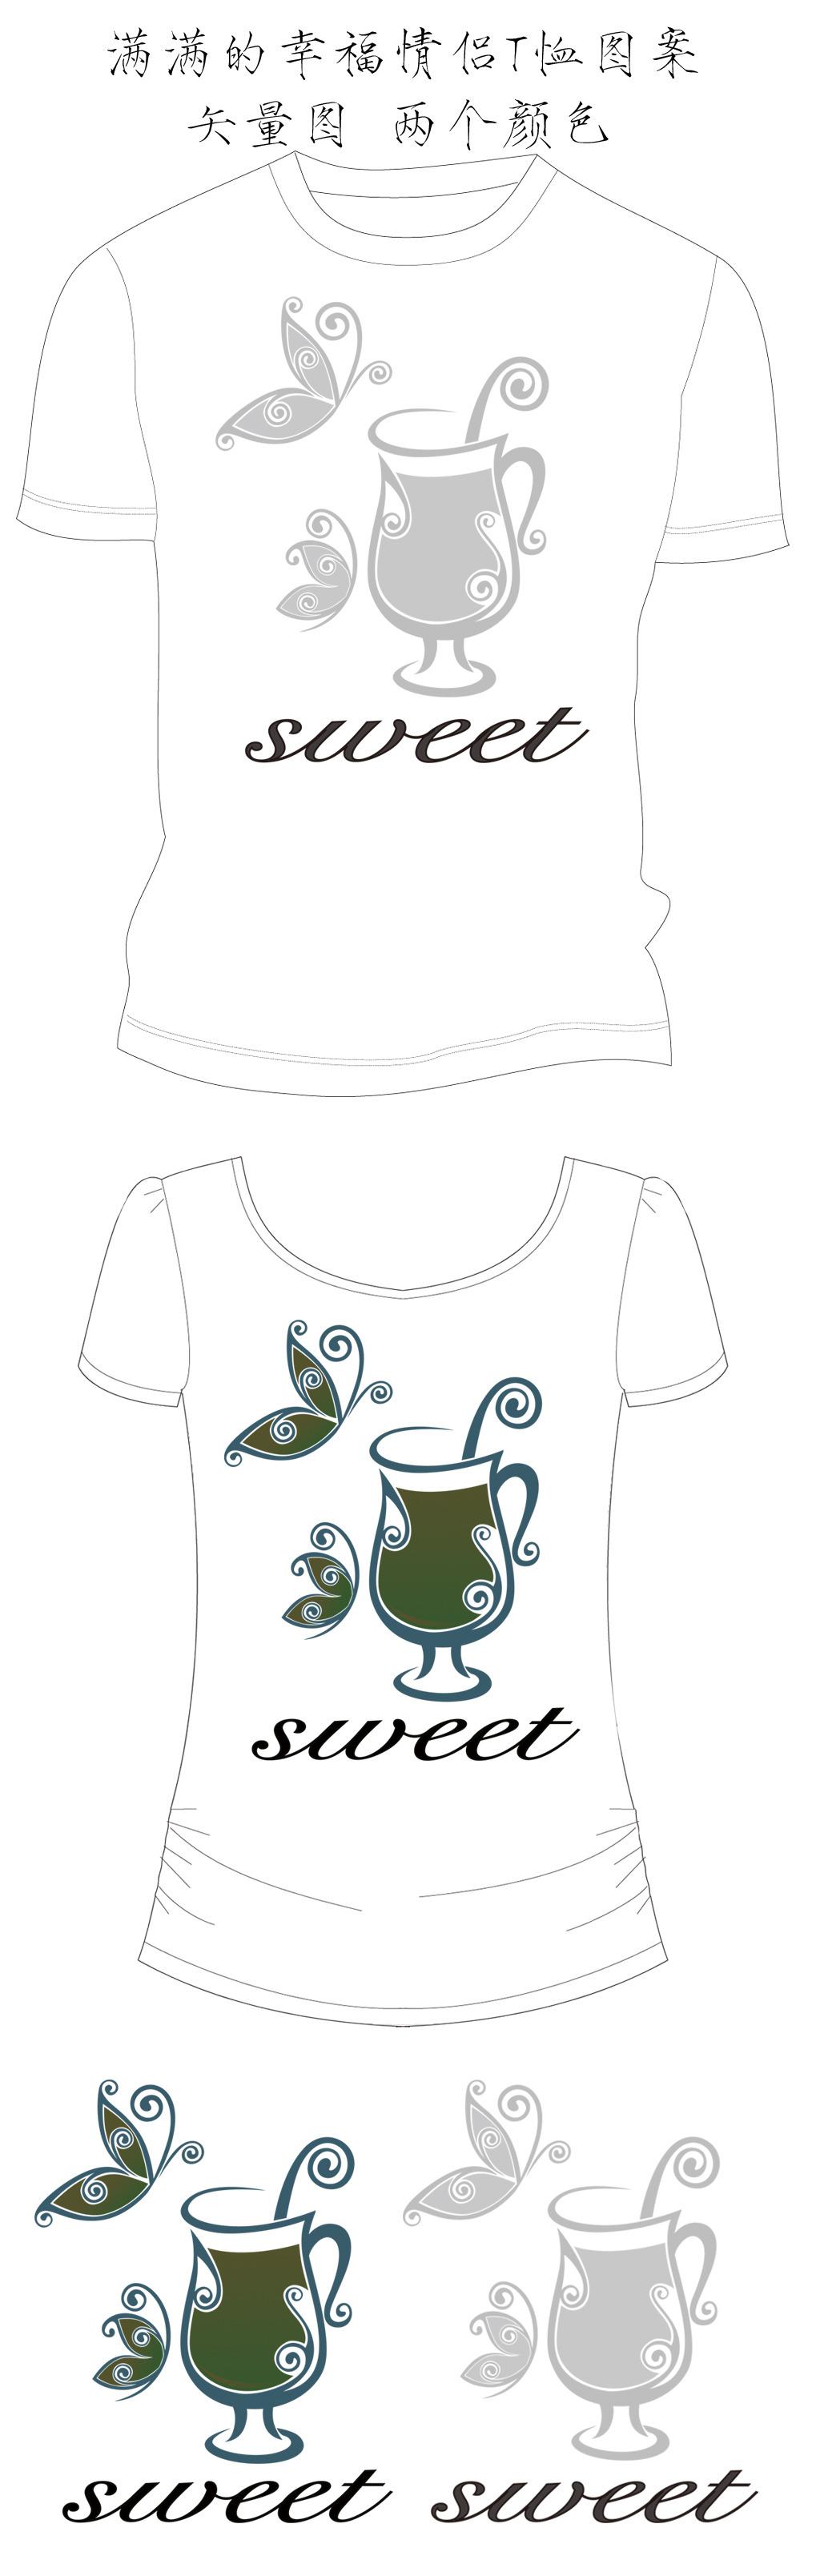 印花设计 t恤设计图案